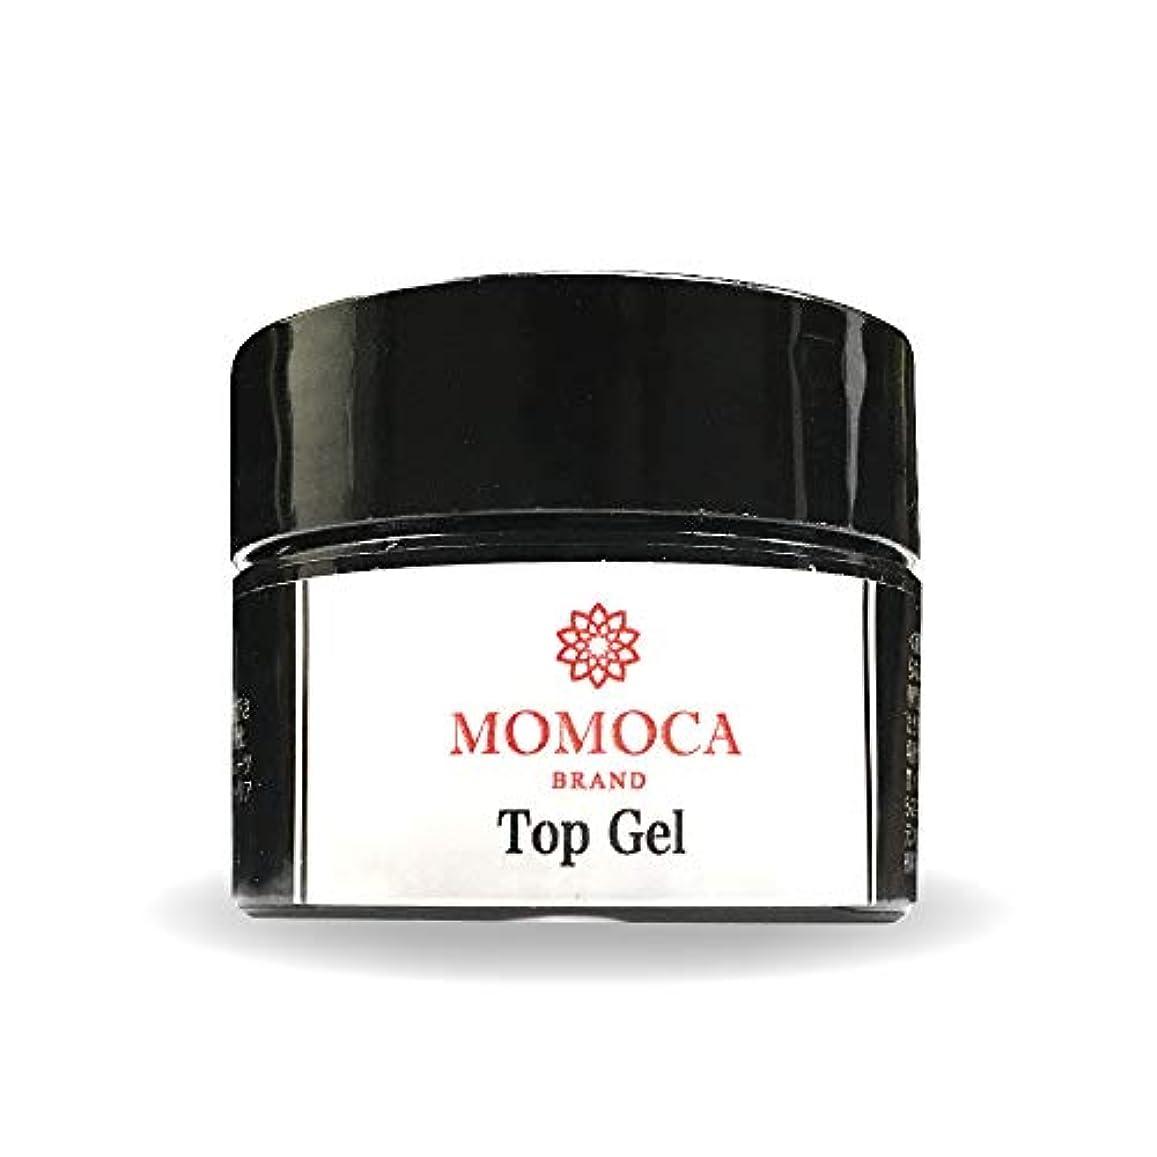 毎週ハーネスゆでるMOMOCA モモカ ジェルネイル サロン品質 高発色 長持ち プロ仕様 ネイルサロン ネイリスト (トップジェル)